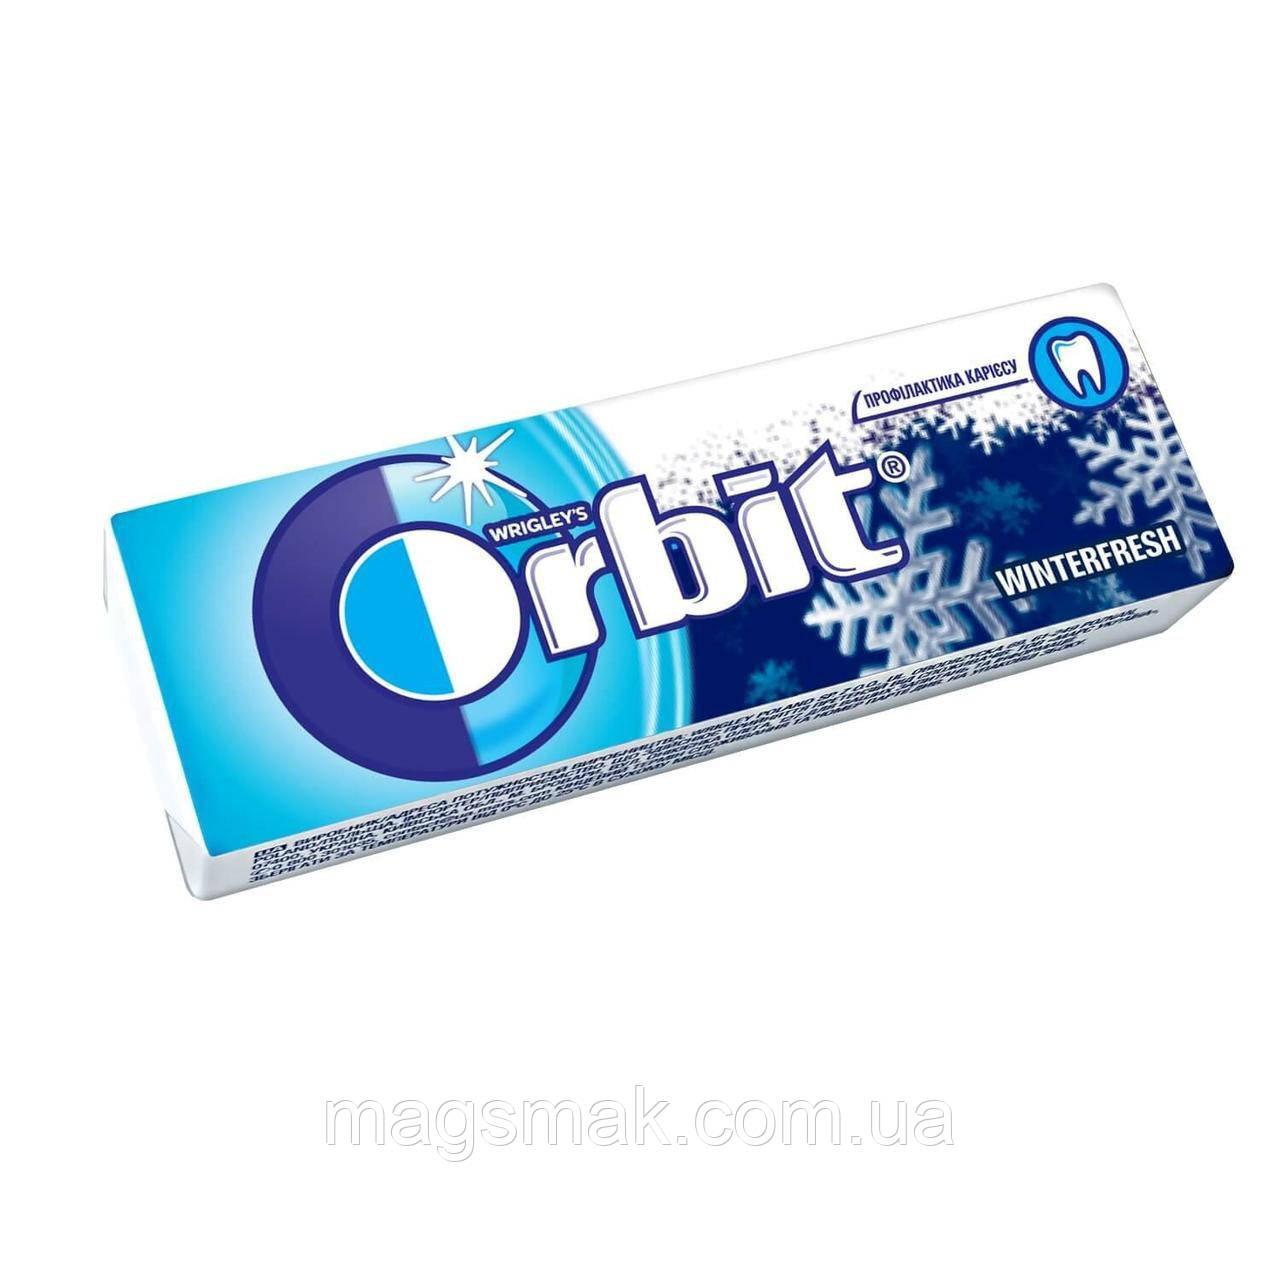 Жевательная резинка Orbit Winterfresh Зимняя свежесть без сахара 14г